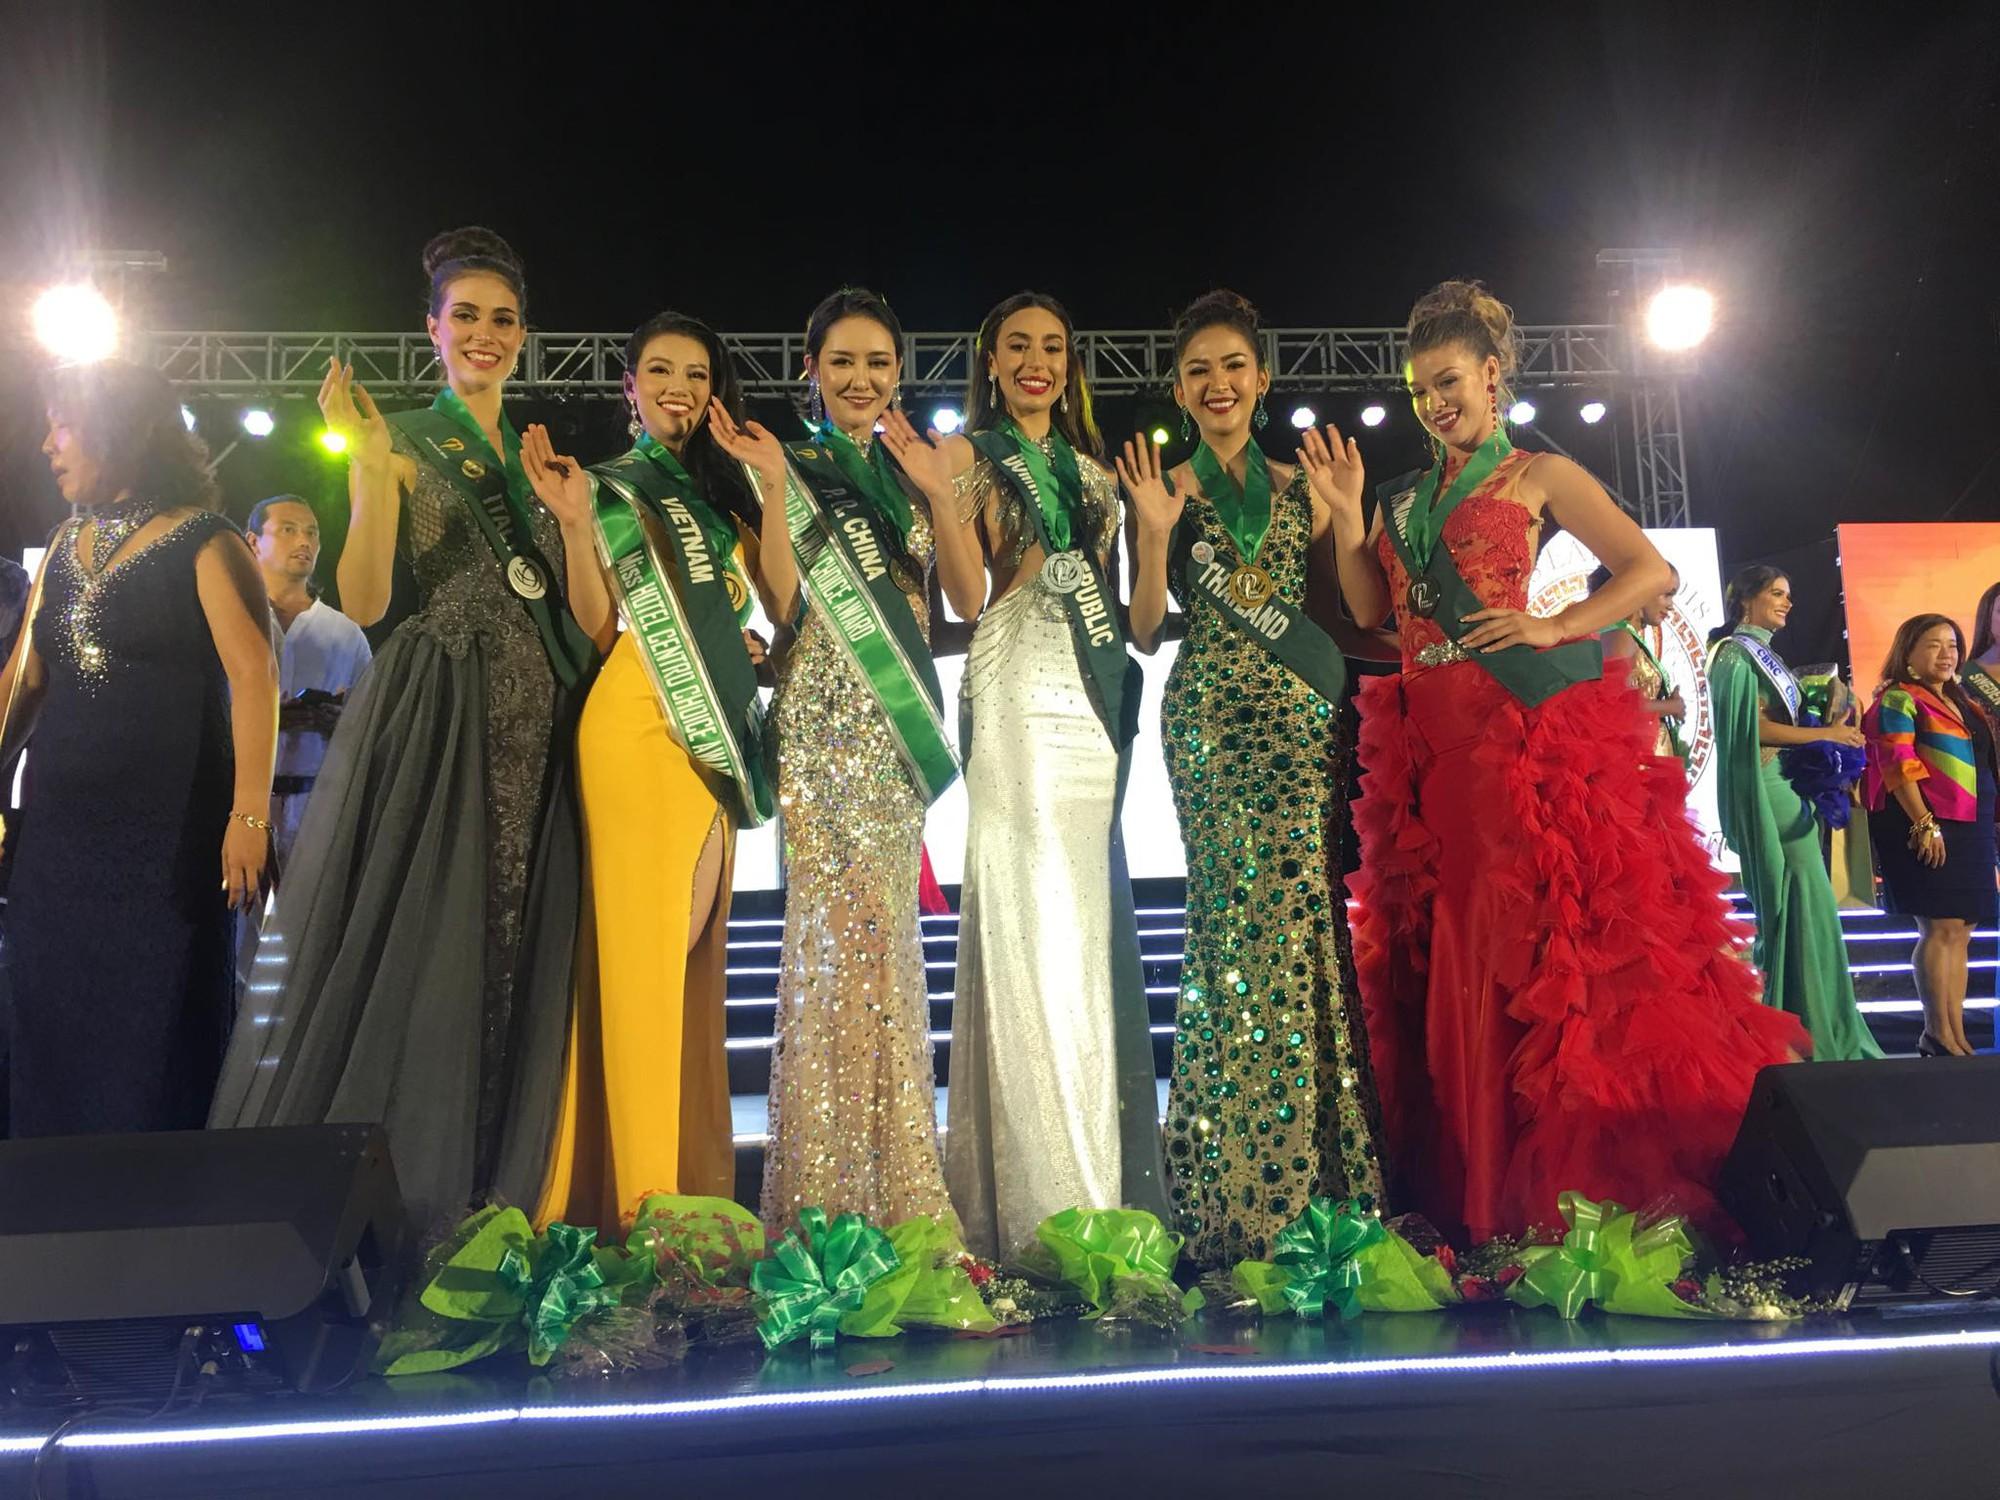 Chỉ trong một đêm thi, đại diện Việt Nam liên tiếp giành huy chương vàng trang phục dạ hội và 3 giải phụ tại Miss Earth 2018 - Ảnh 2.